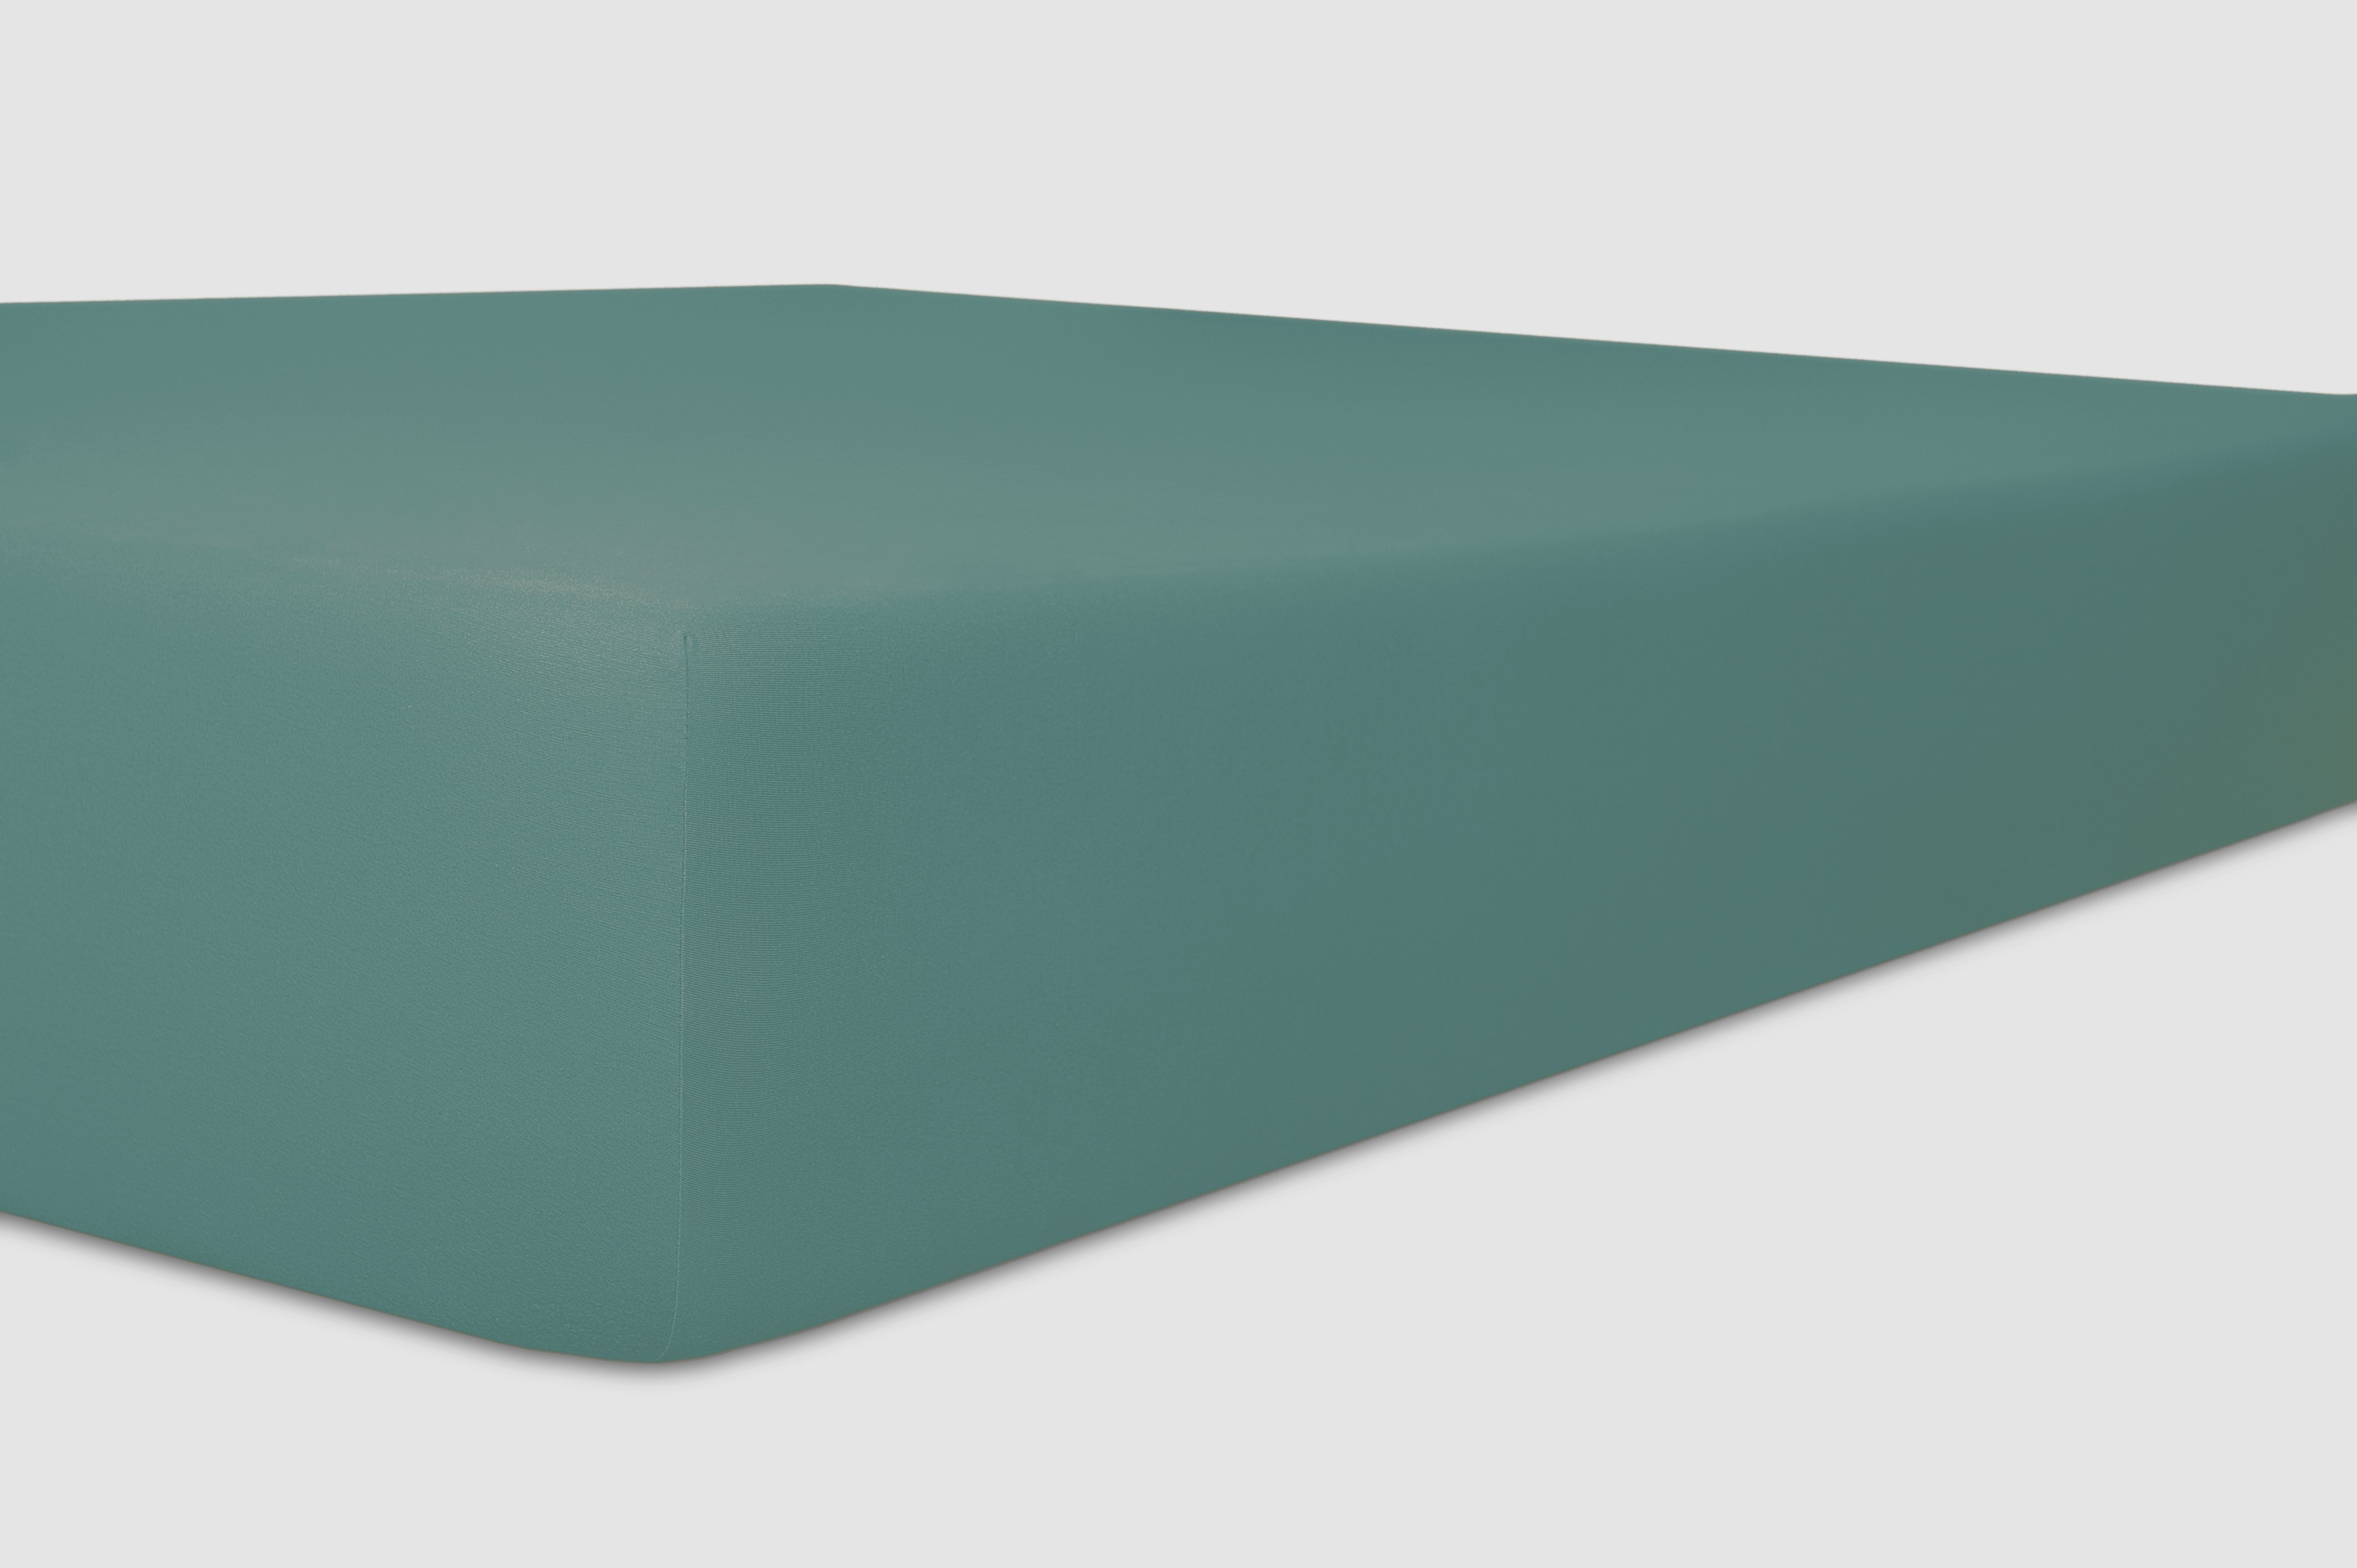 Spannbetttuch salbei,180x200cm